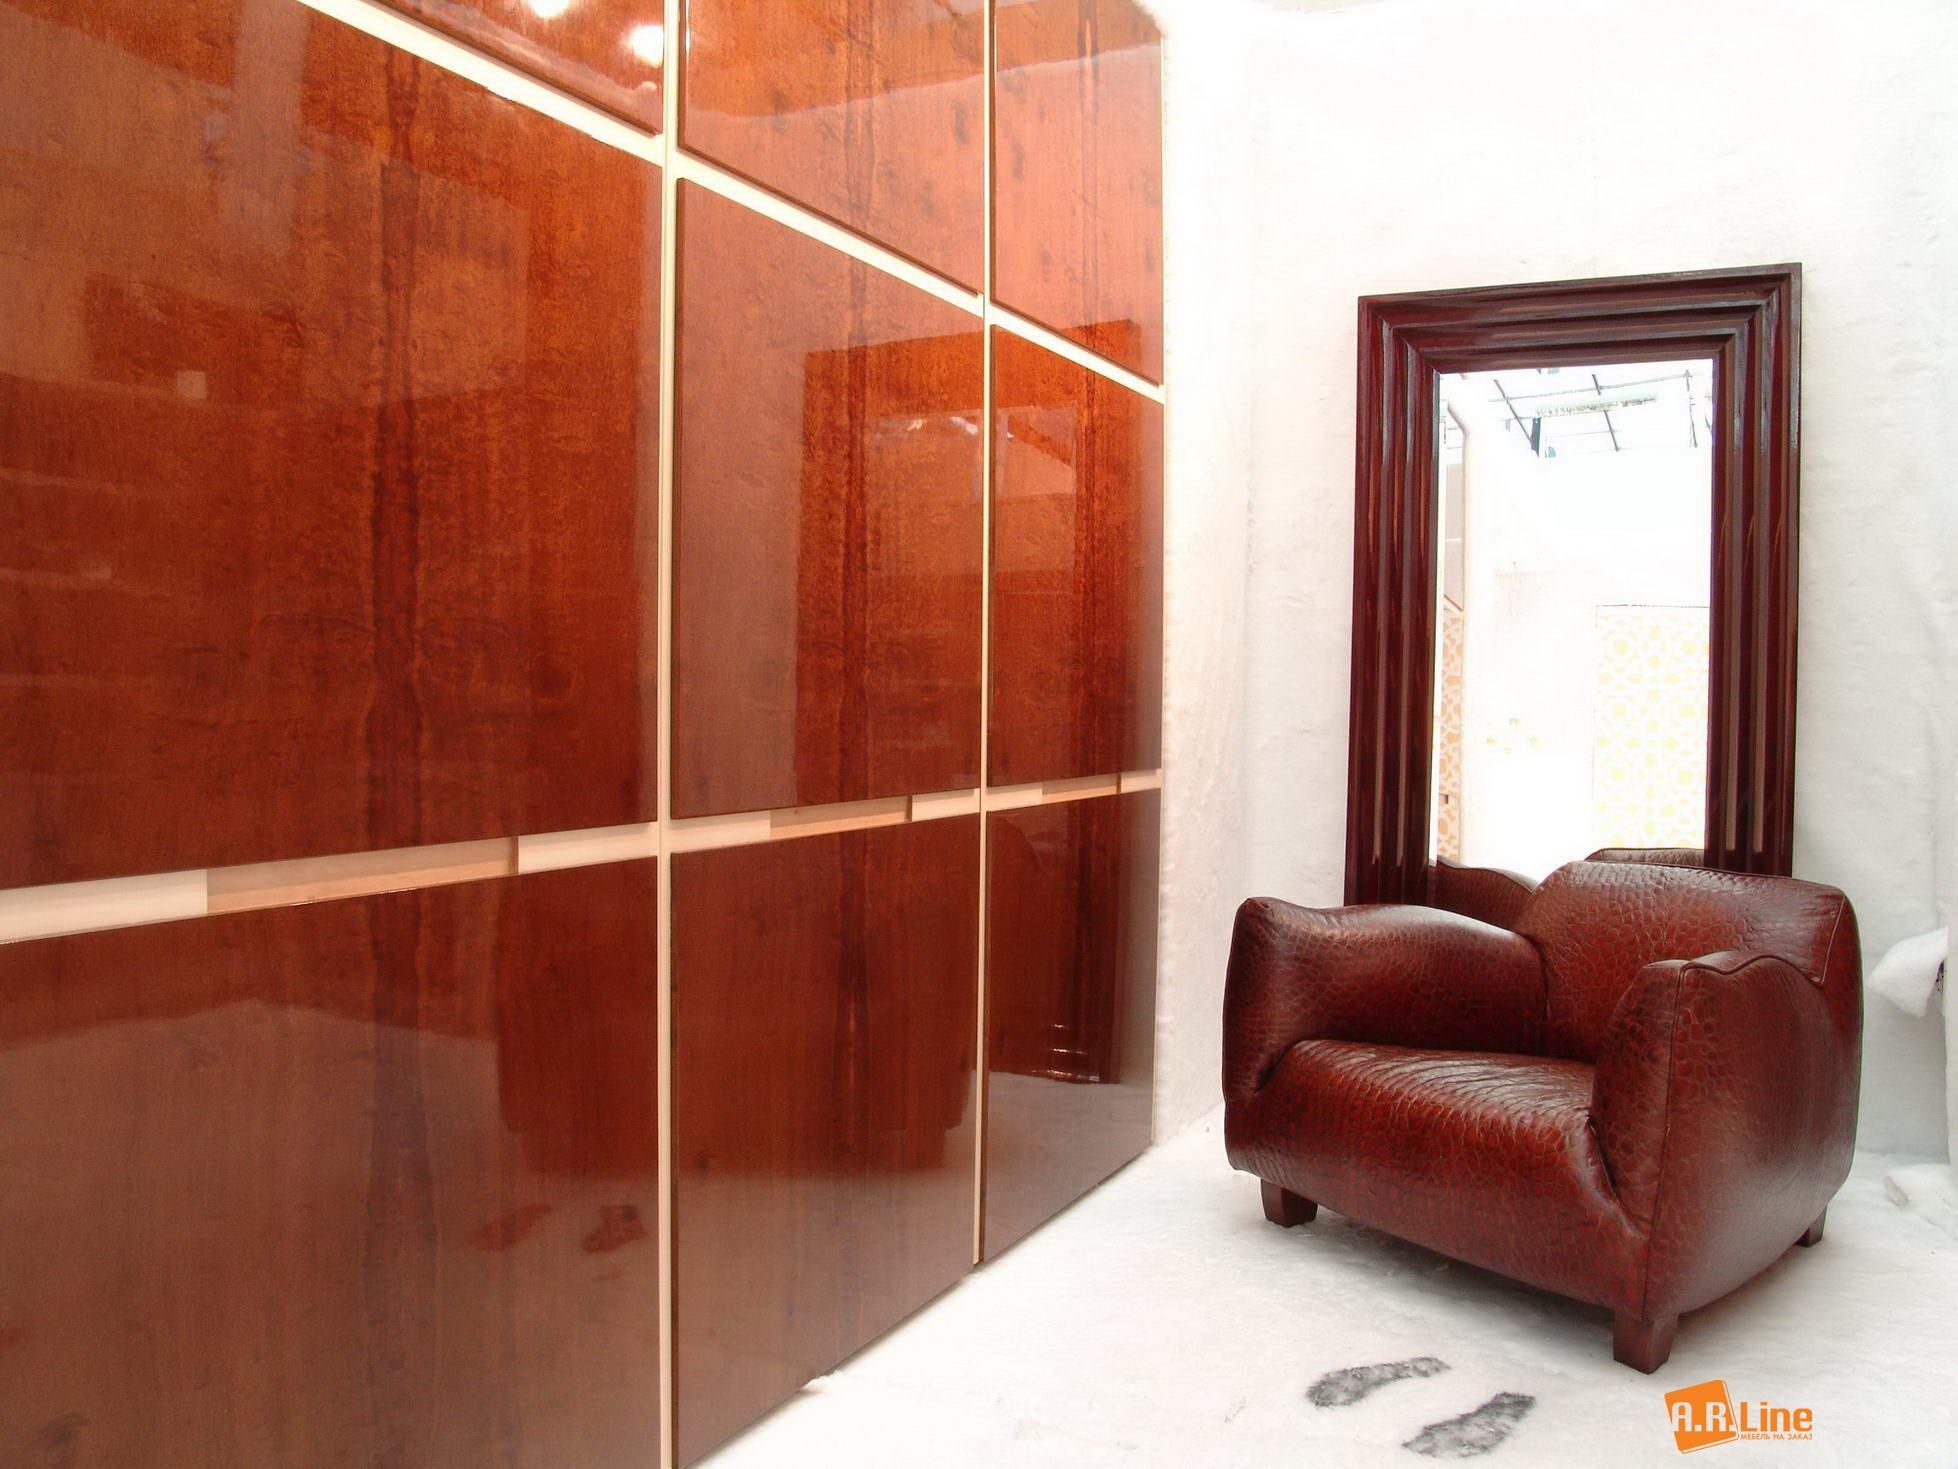 Особенности и виды стеновых панелей леон. официальный дилер .